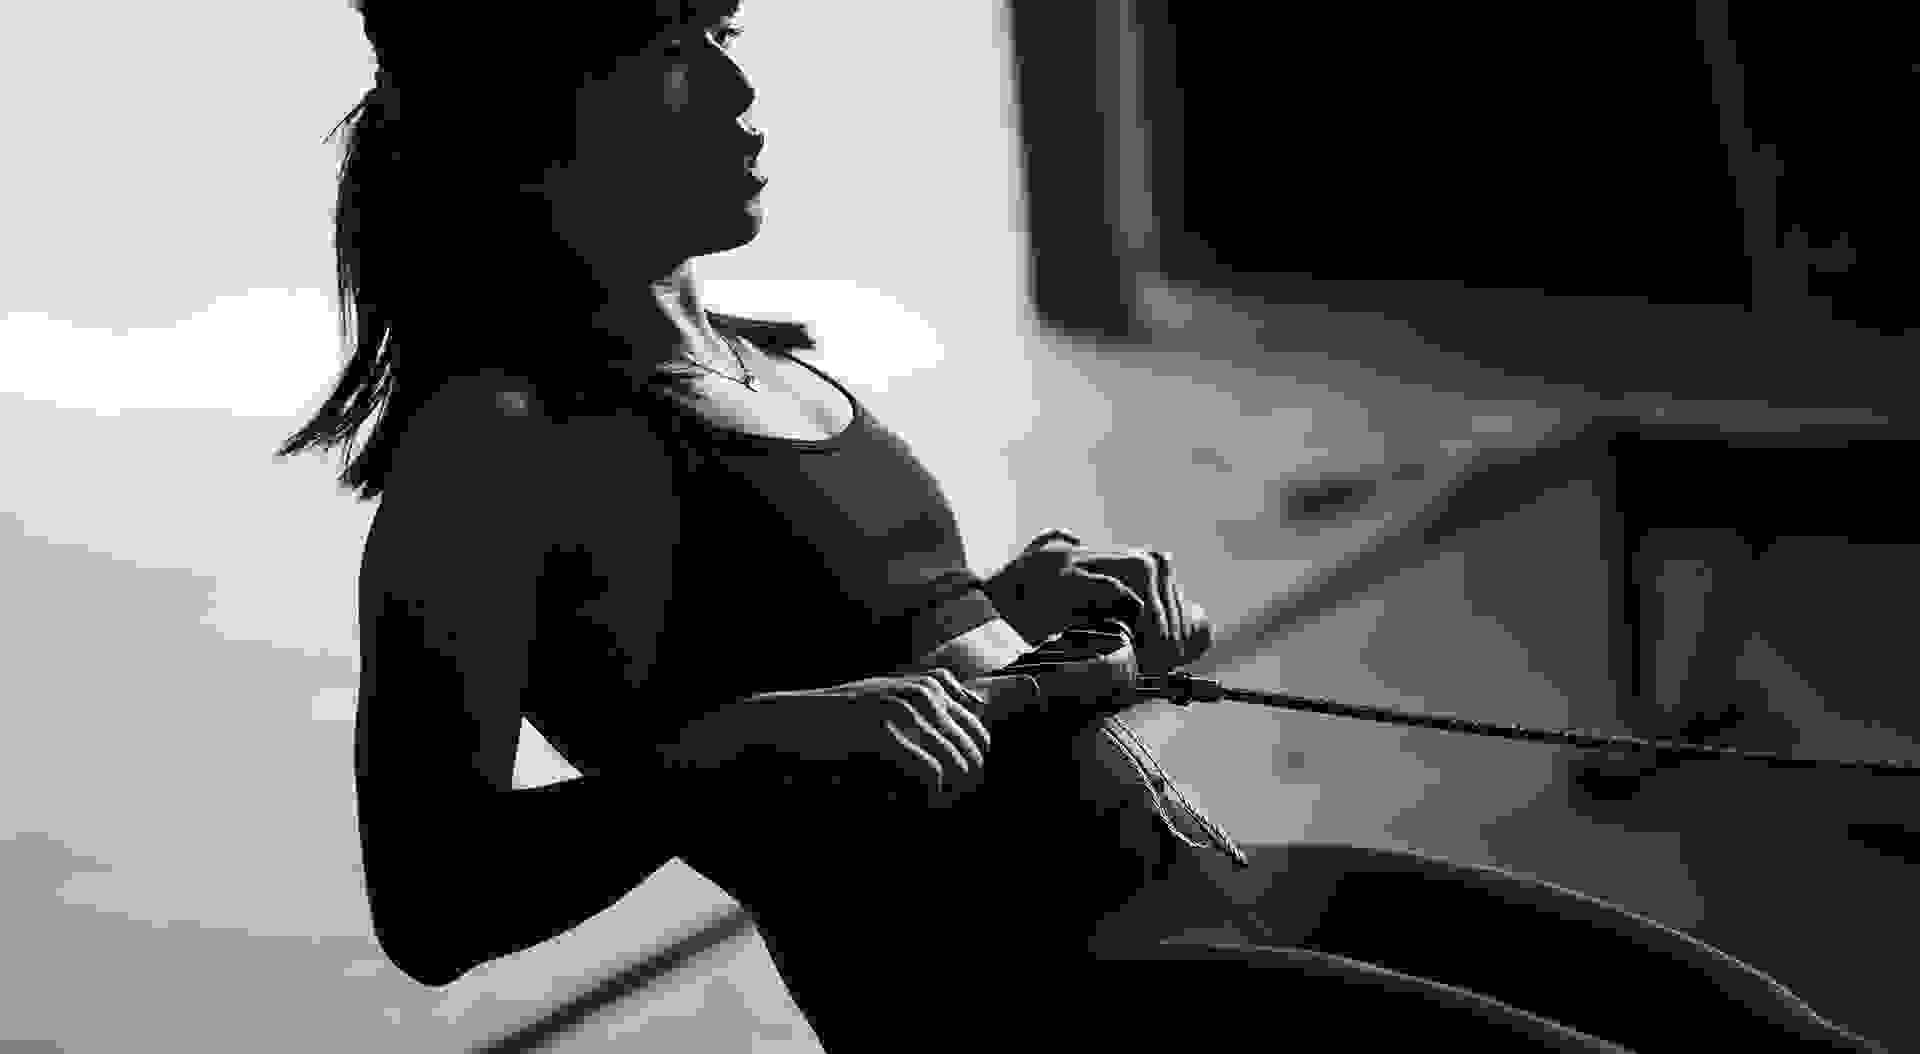 Eine Frau am Rudergerät in einem Crossfitstudio um ihre Kondition zu verbessern.